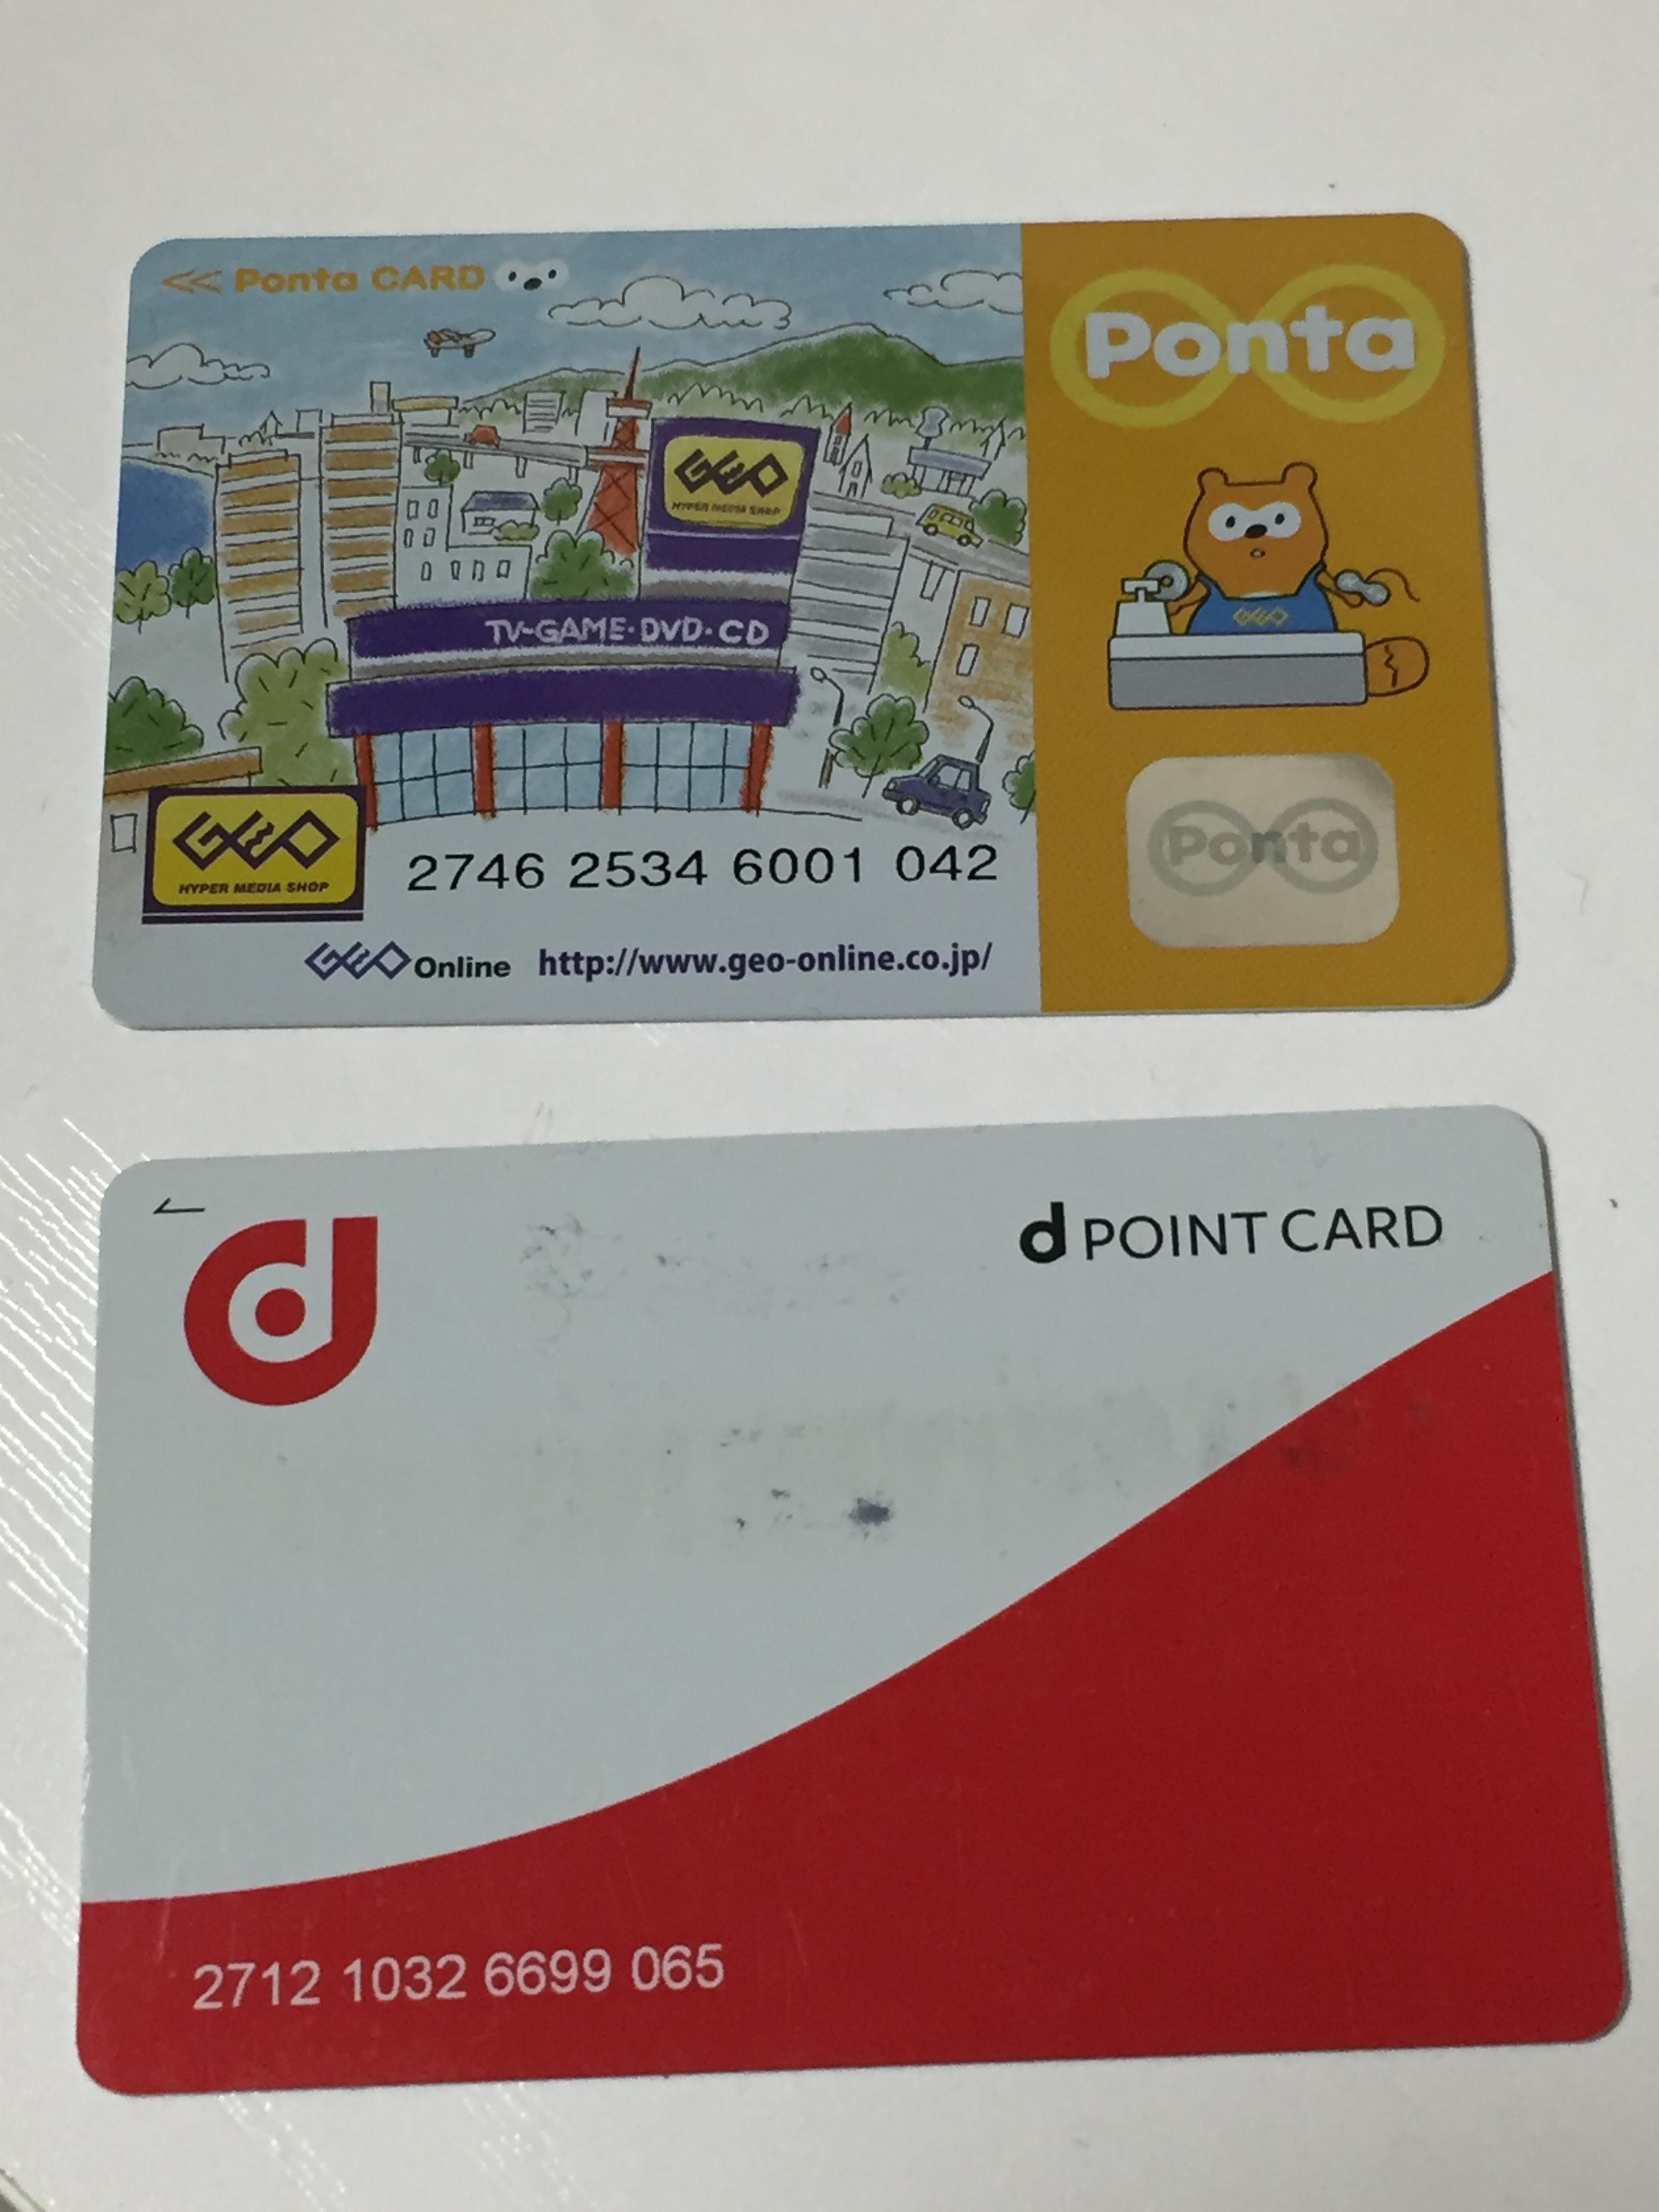 ローソンのお試し引き換え券はポンタカードかdカード